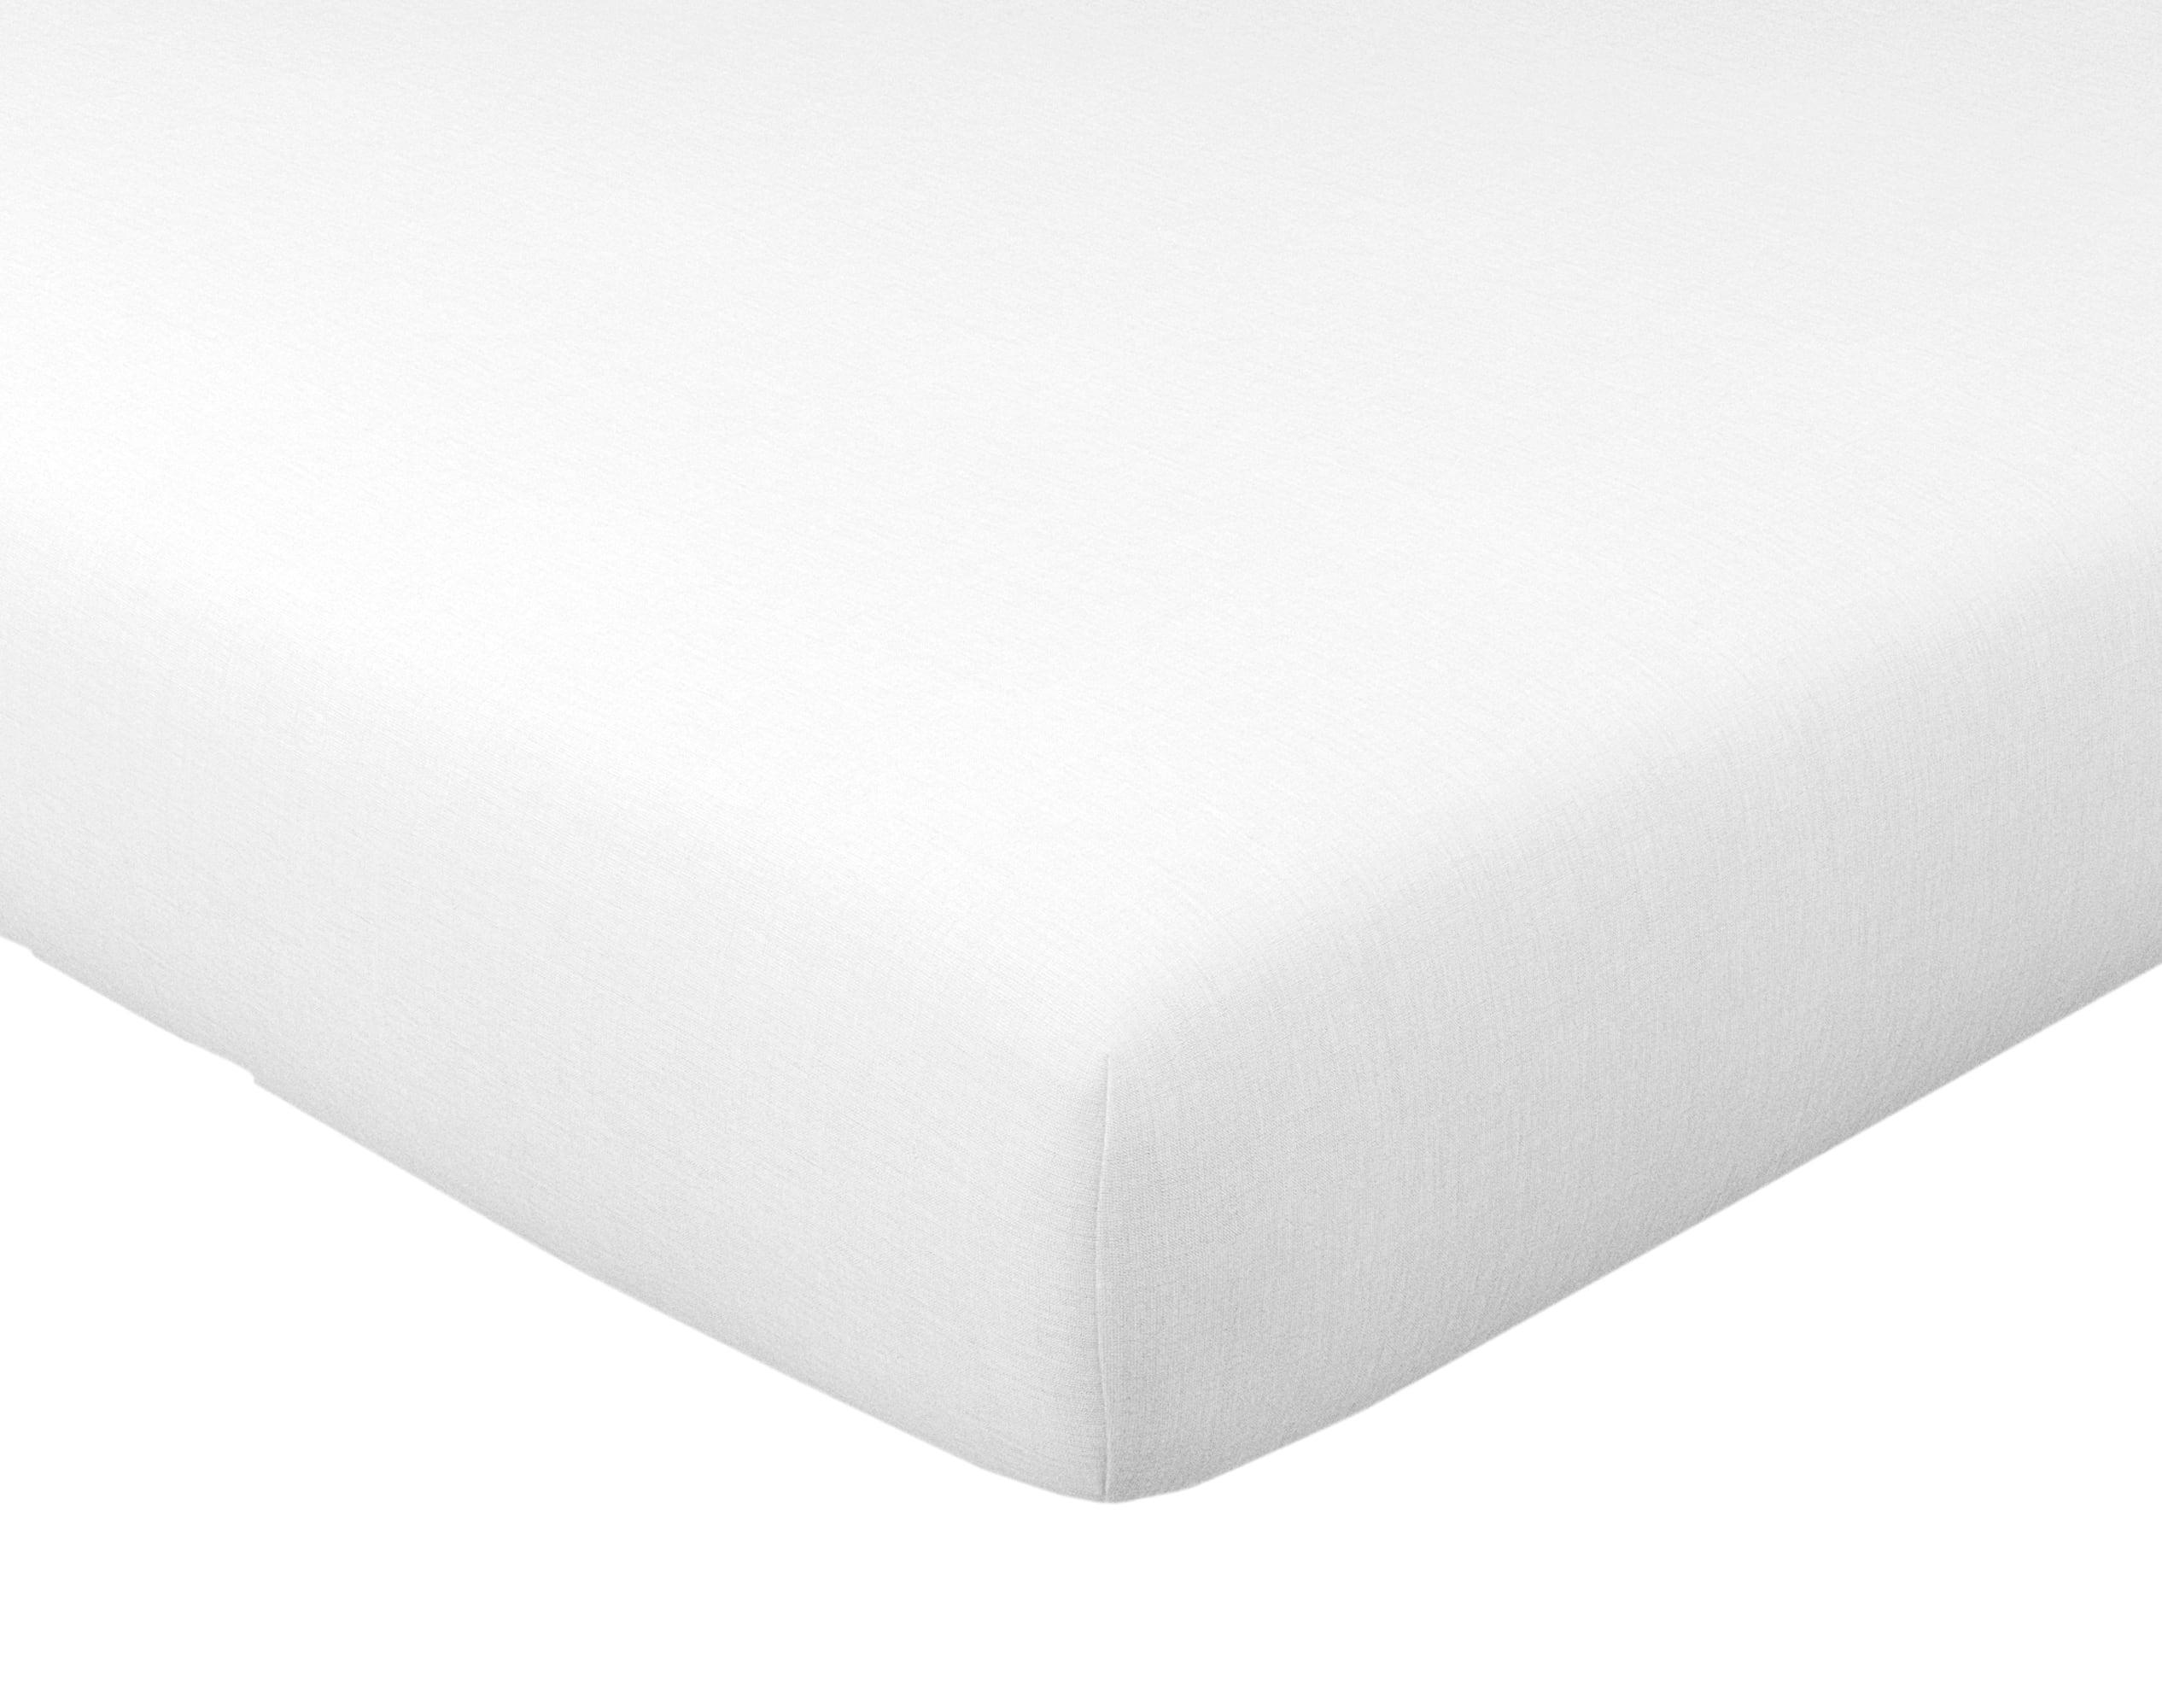 Drap-housse 140x190 en coton blanc